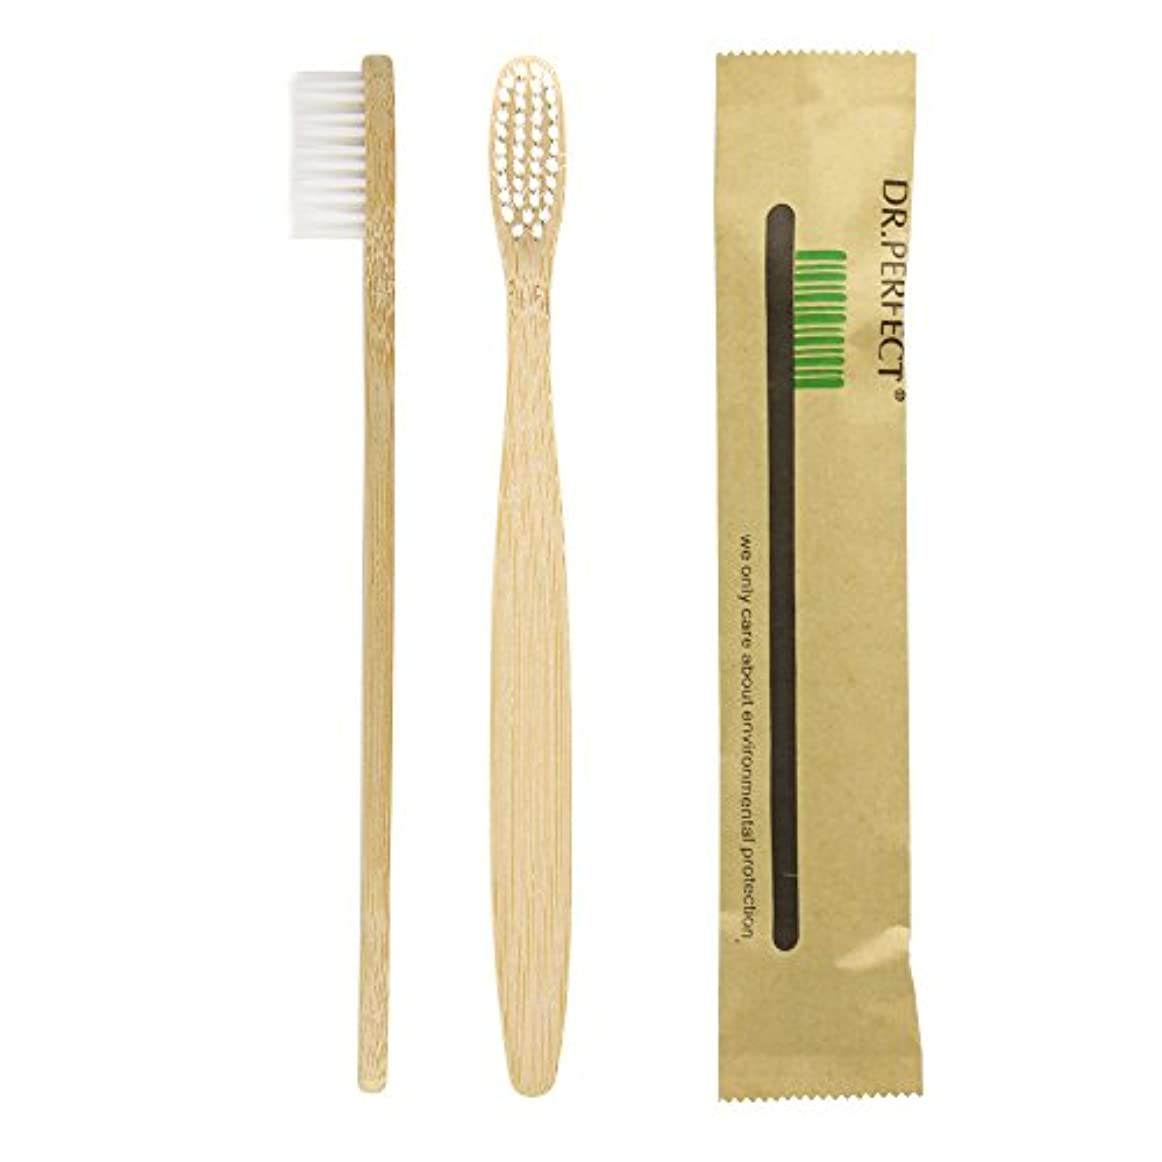 故意に実施する明らかDr.Perfect 歯ブラシ竹歯ブラシアダルト竹の歯ブラシ ナイロン毛 環境保護の歯ブラシ (ホワイト)